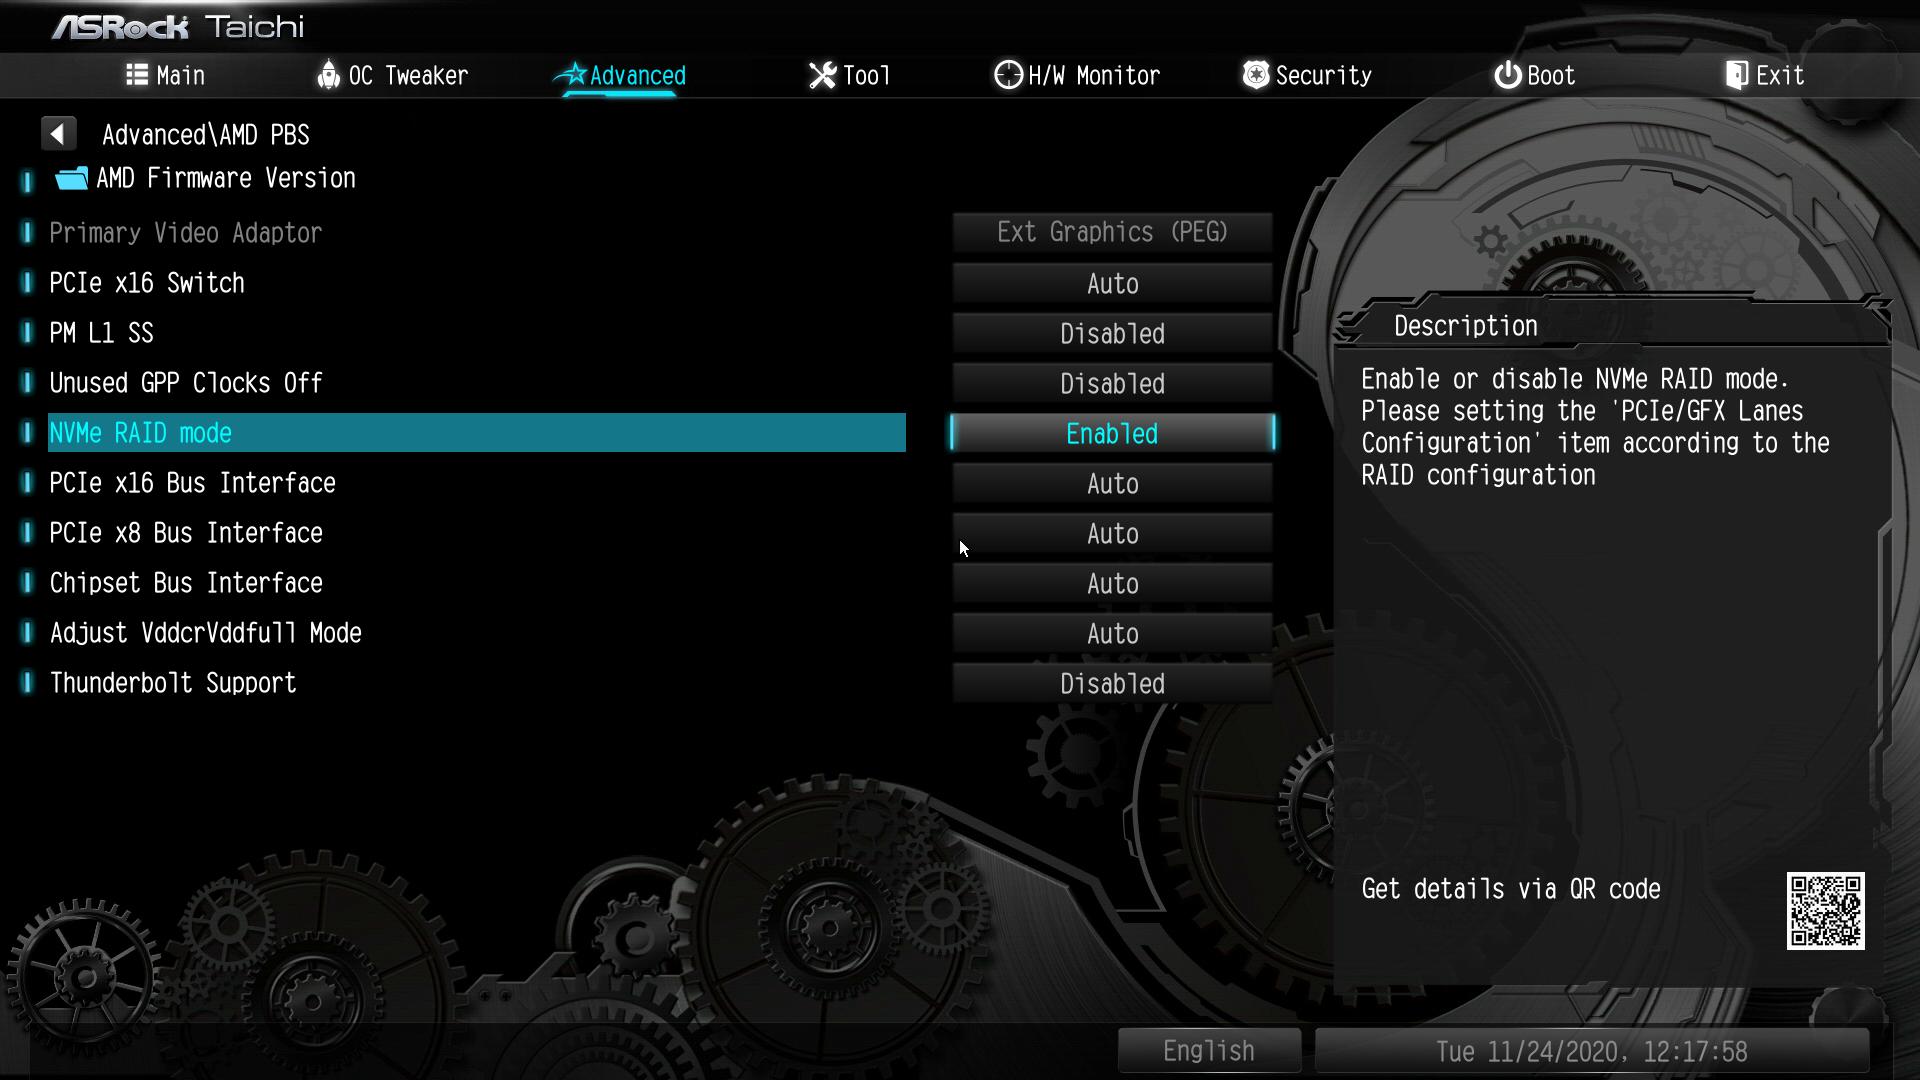 同じく「Advanced」→「AMD PBS」にある「NVMe RAID mode」を「Enabled」にする